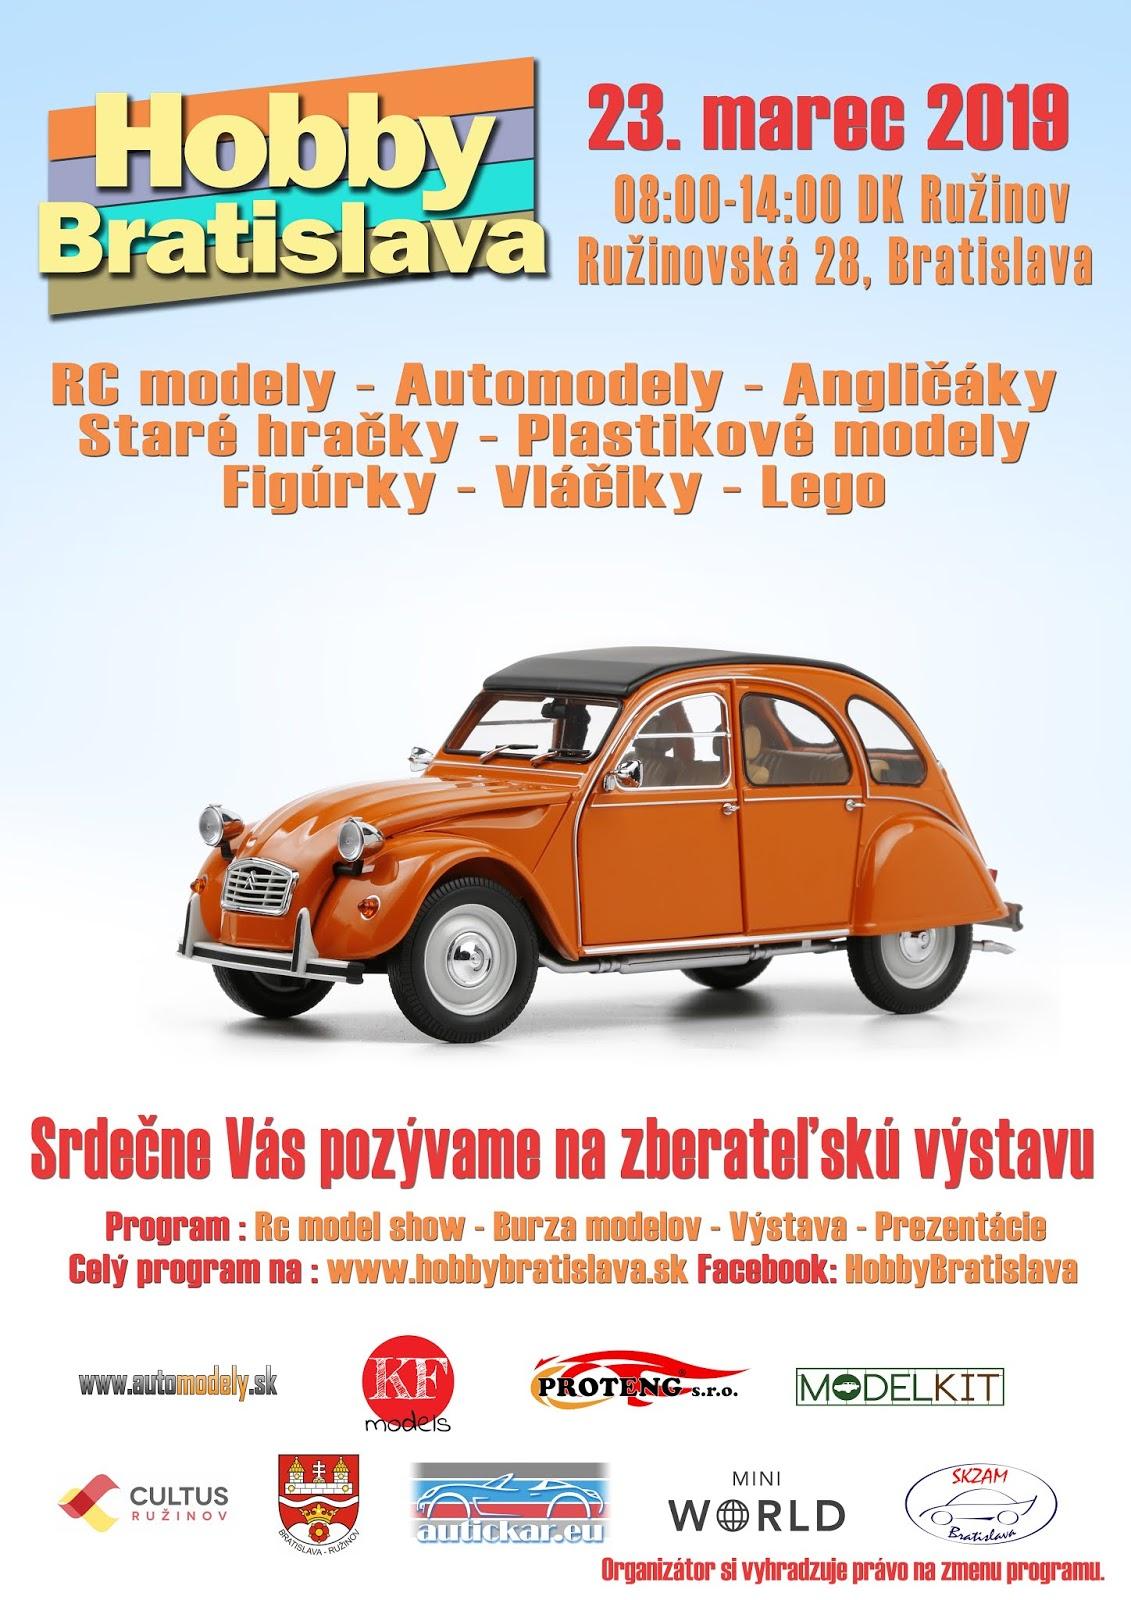 HobbyBratislava 2019 vystava burza plagat